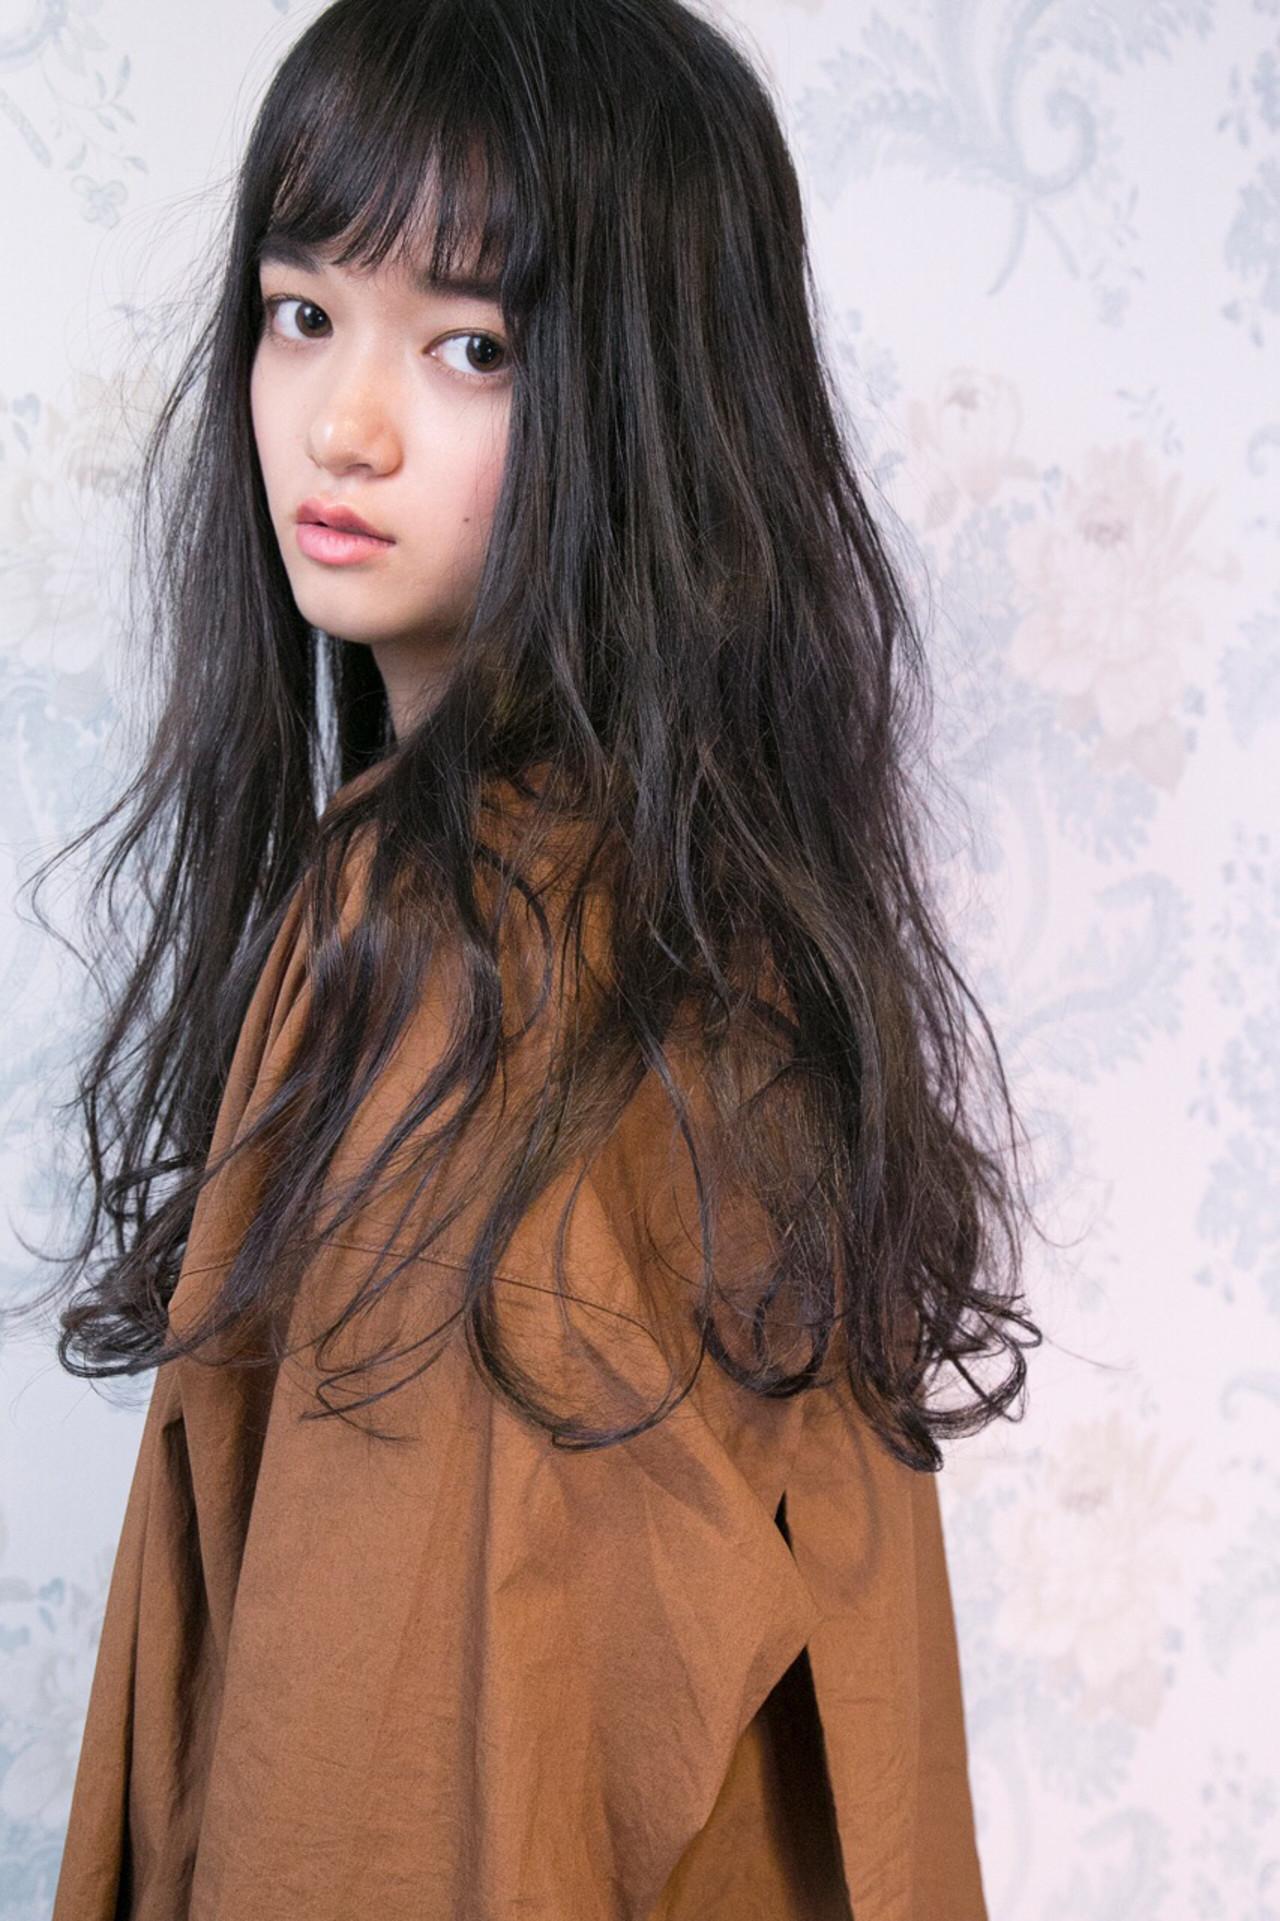 シースルーバング ロング ナチュラル くせ毛風 ヘアスタイルや髪型の写真・画像